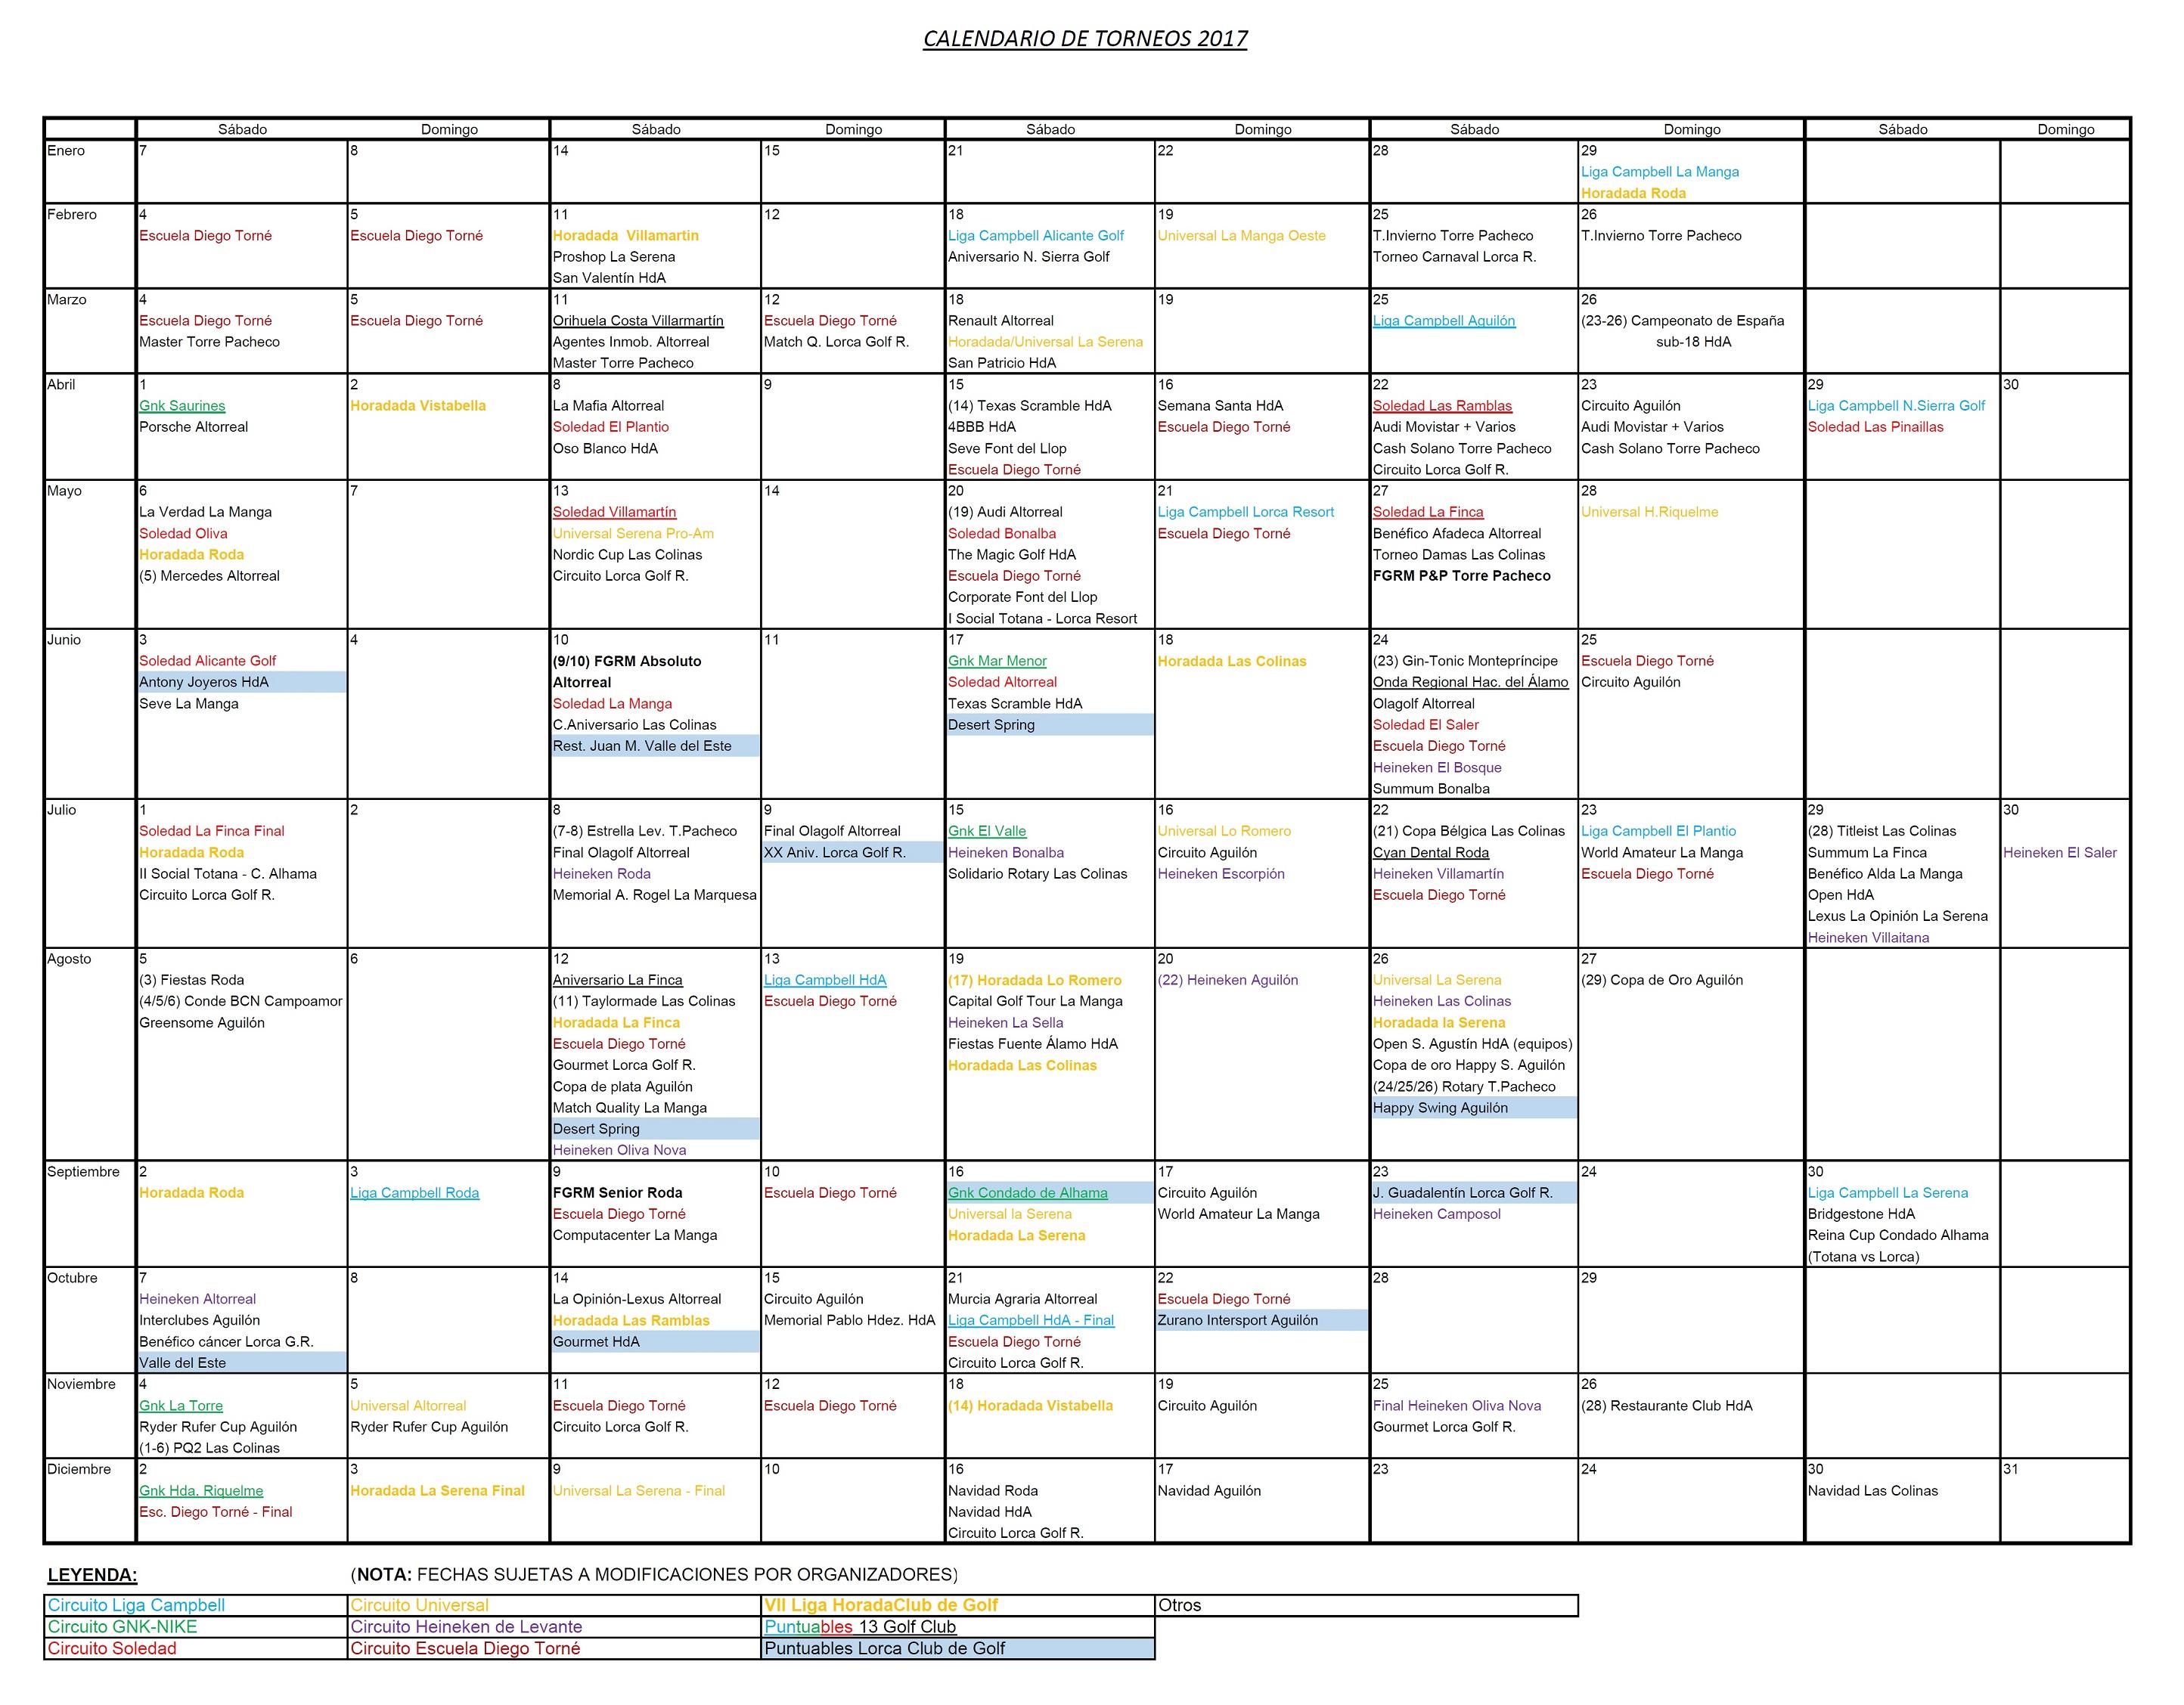 170718 Actualización de Calendario de Torneos